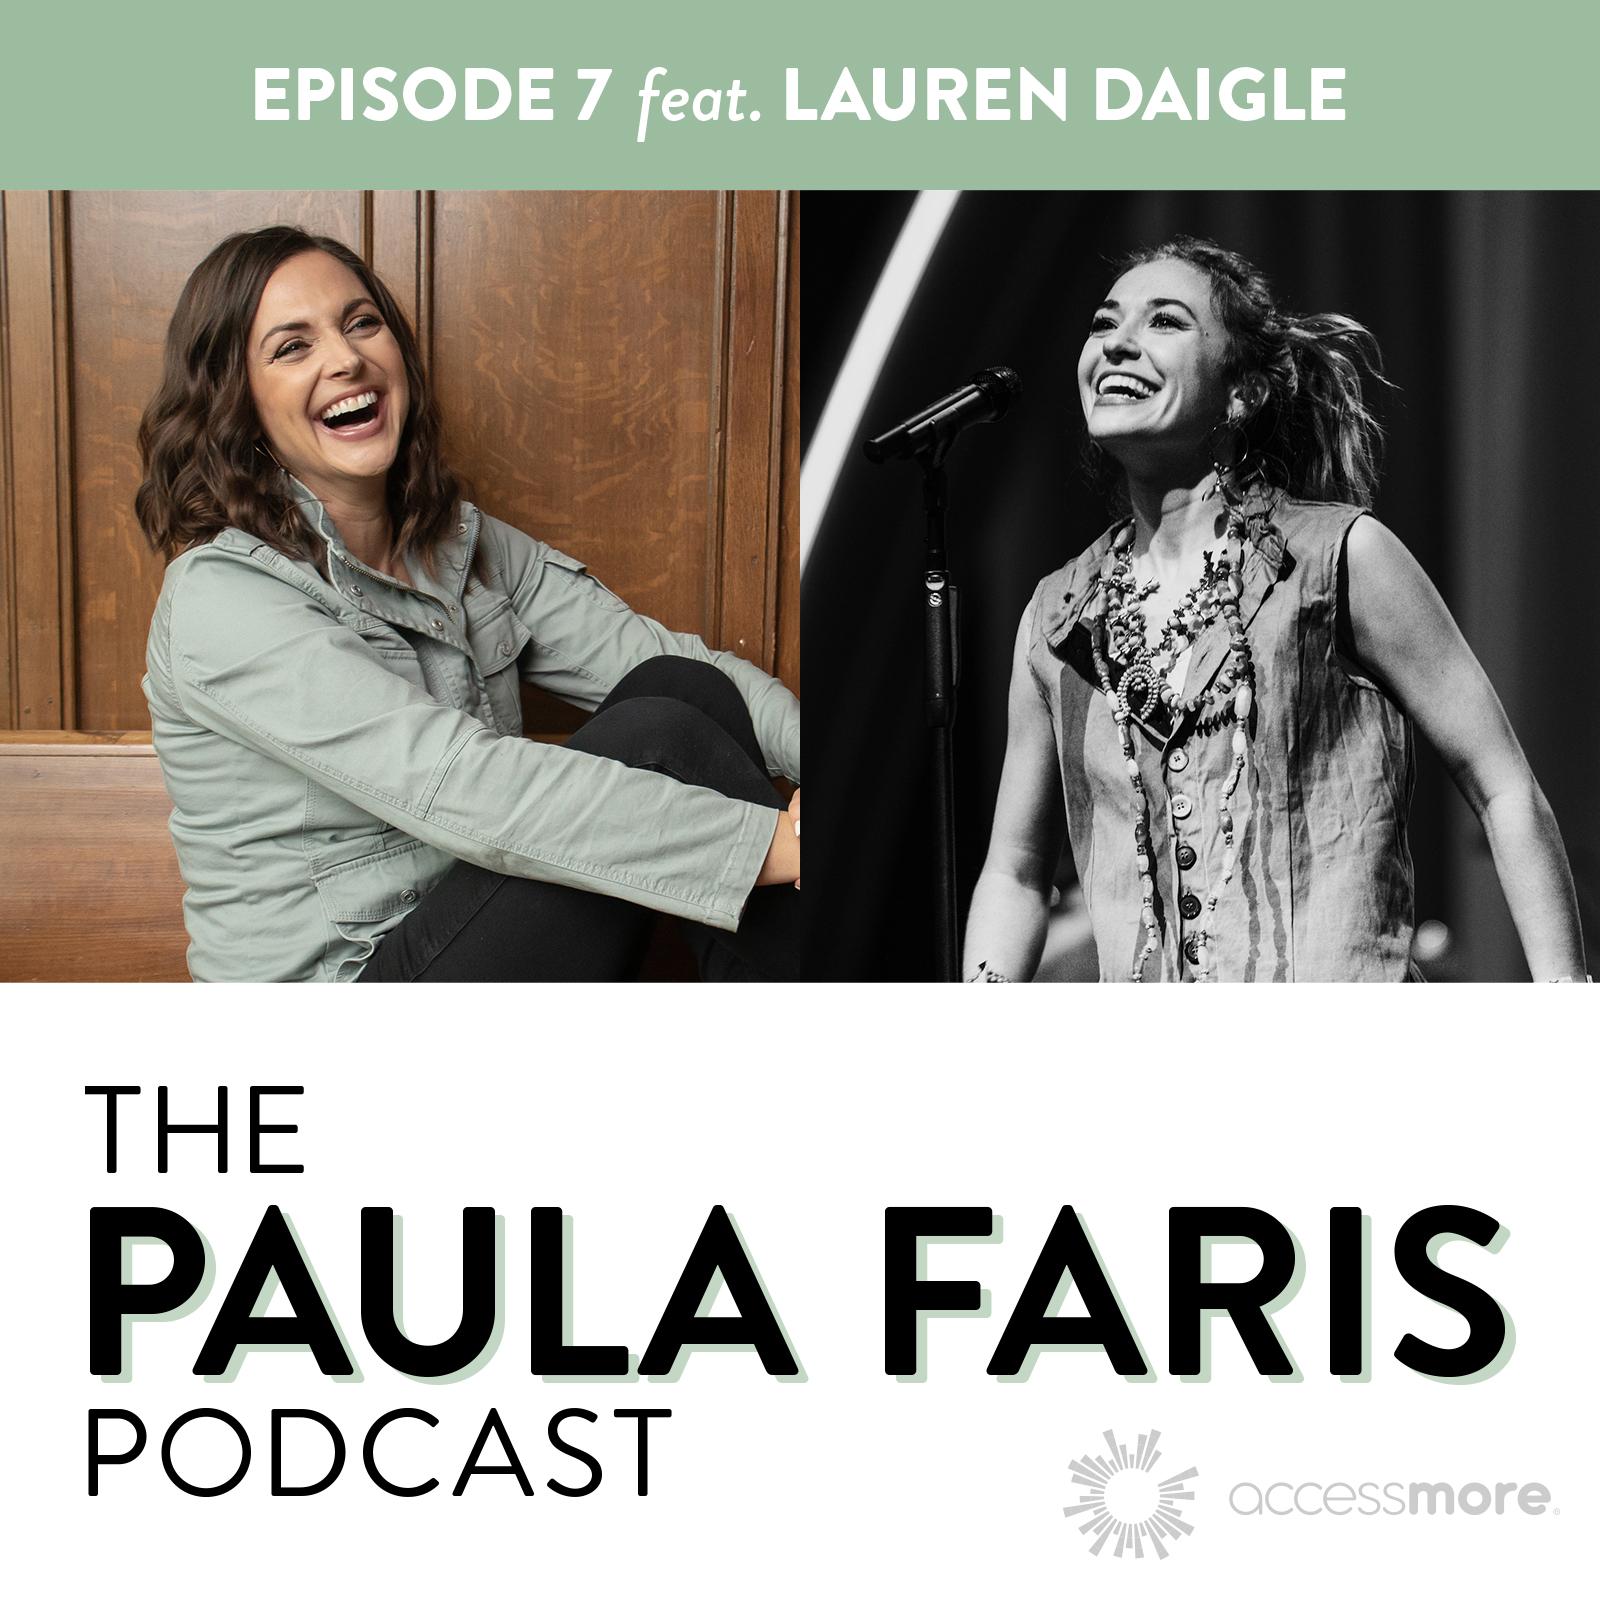 Ep 7 - Lauren Daigle: Overcoming Hardship